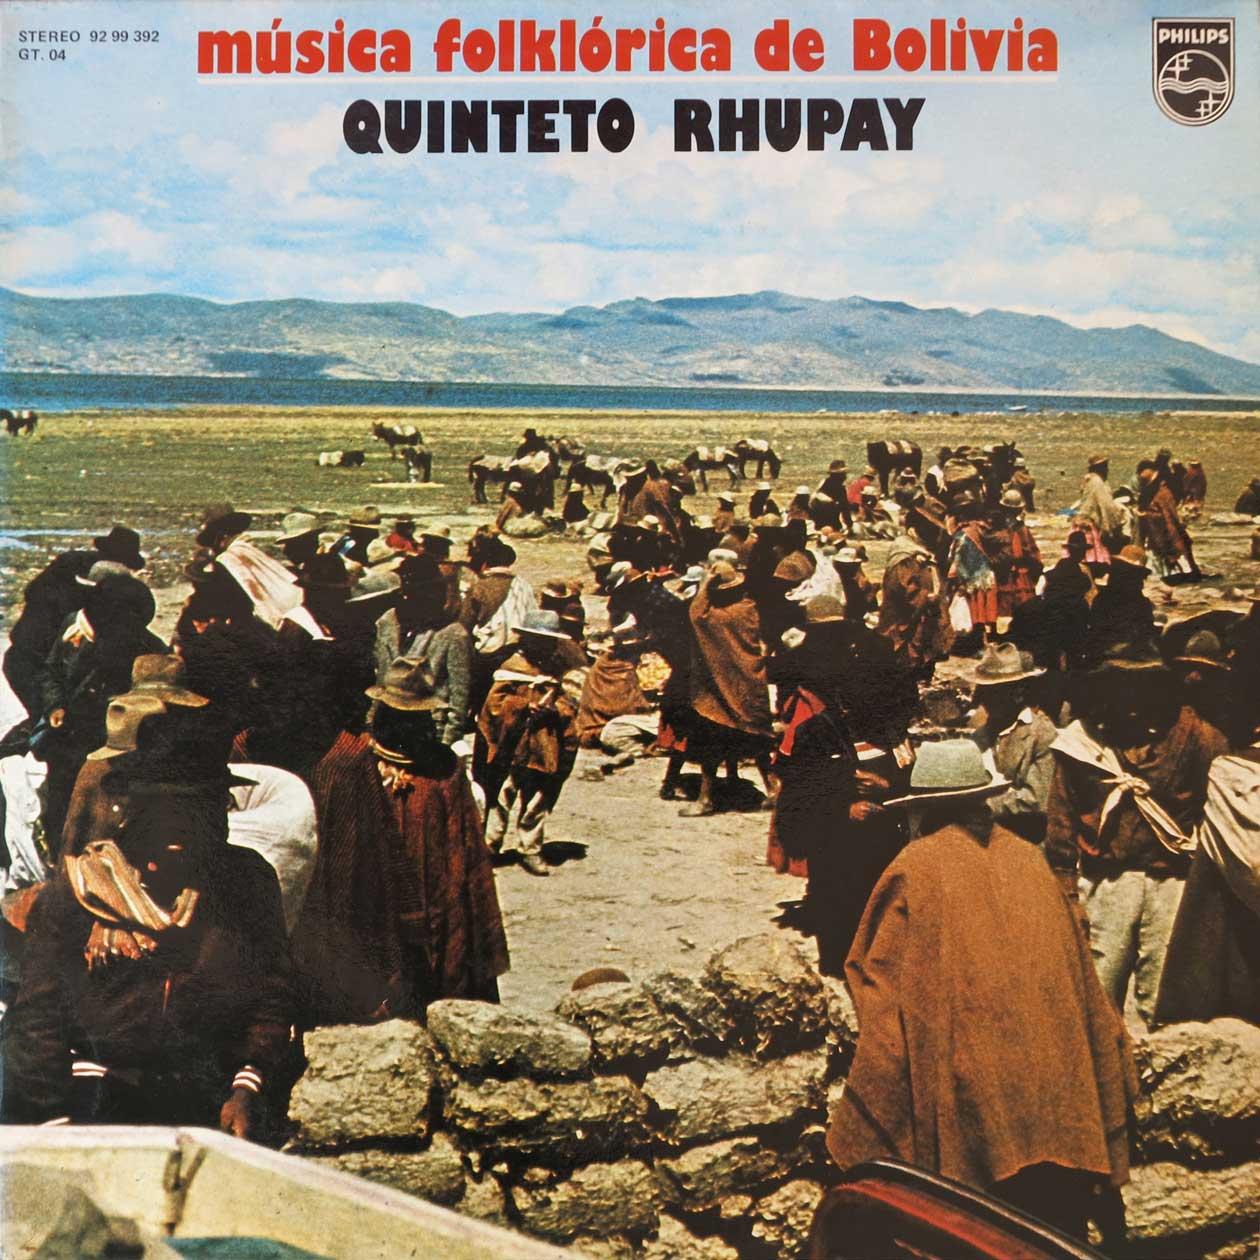 Ruphay - Música folklórica de Bolivia